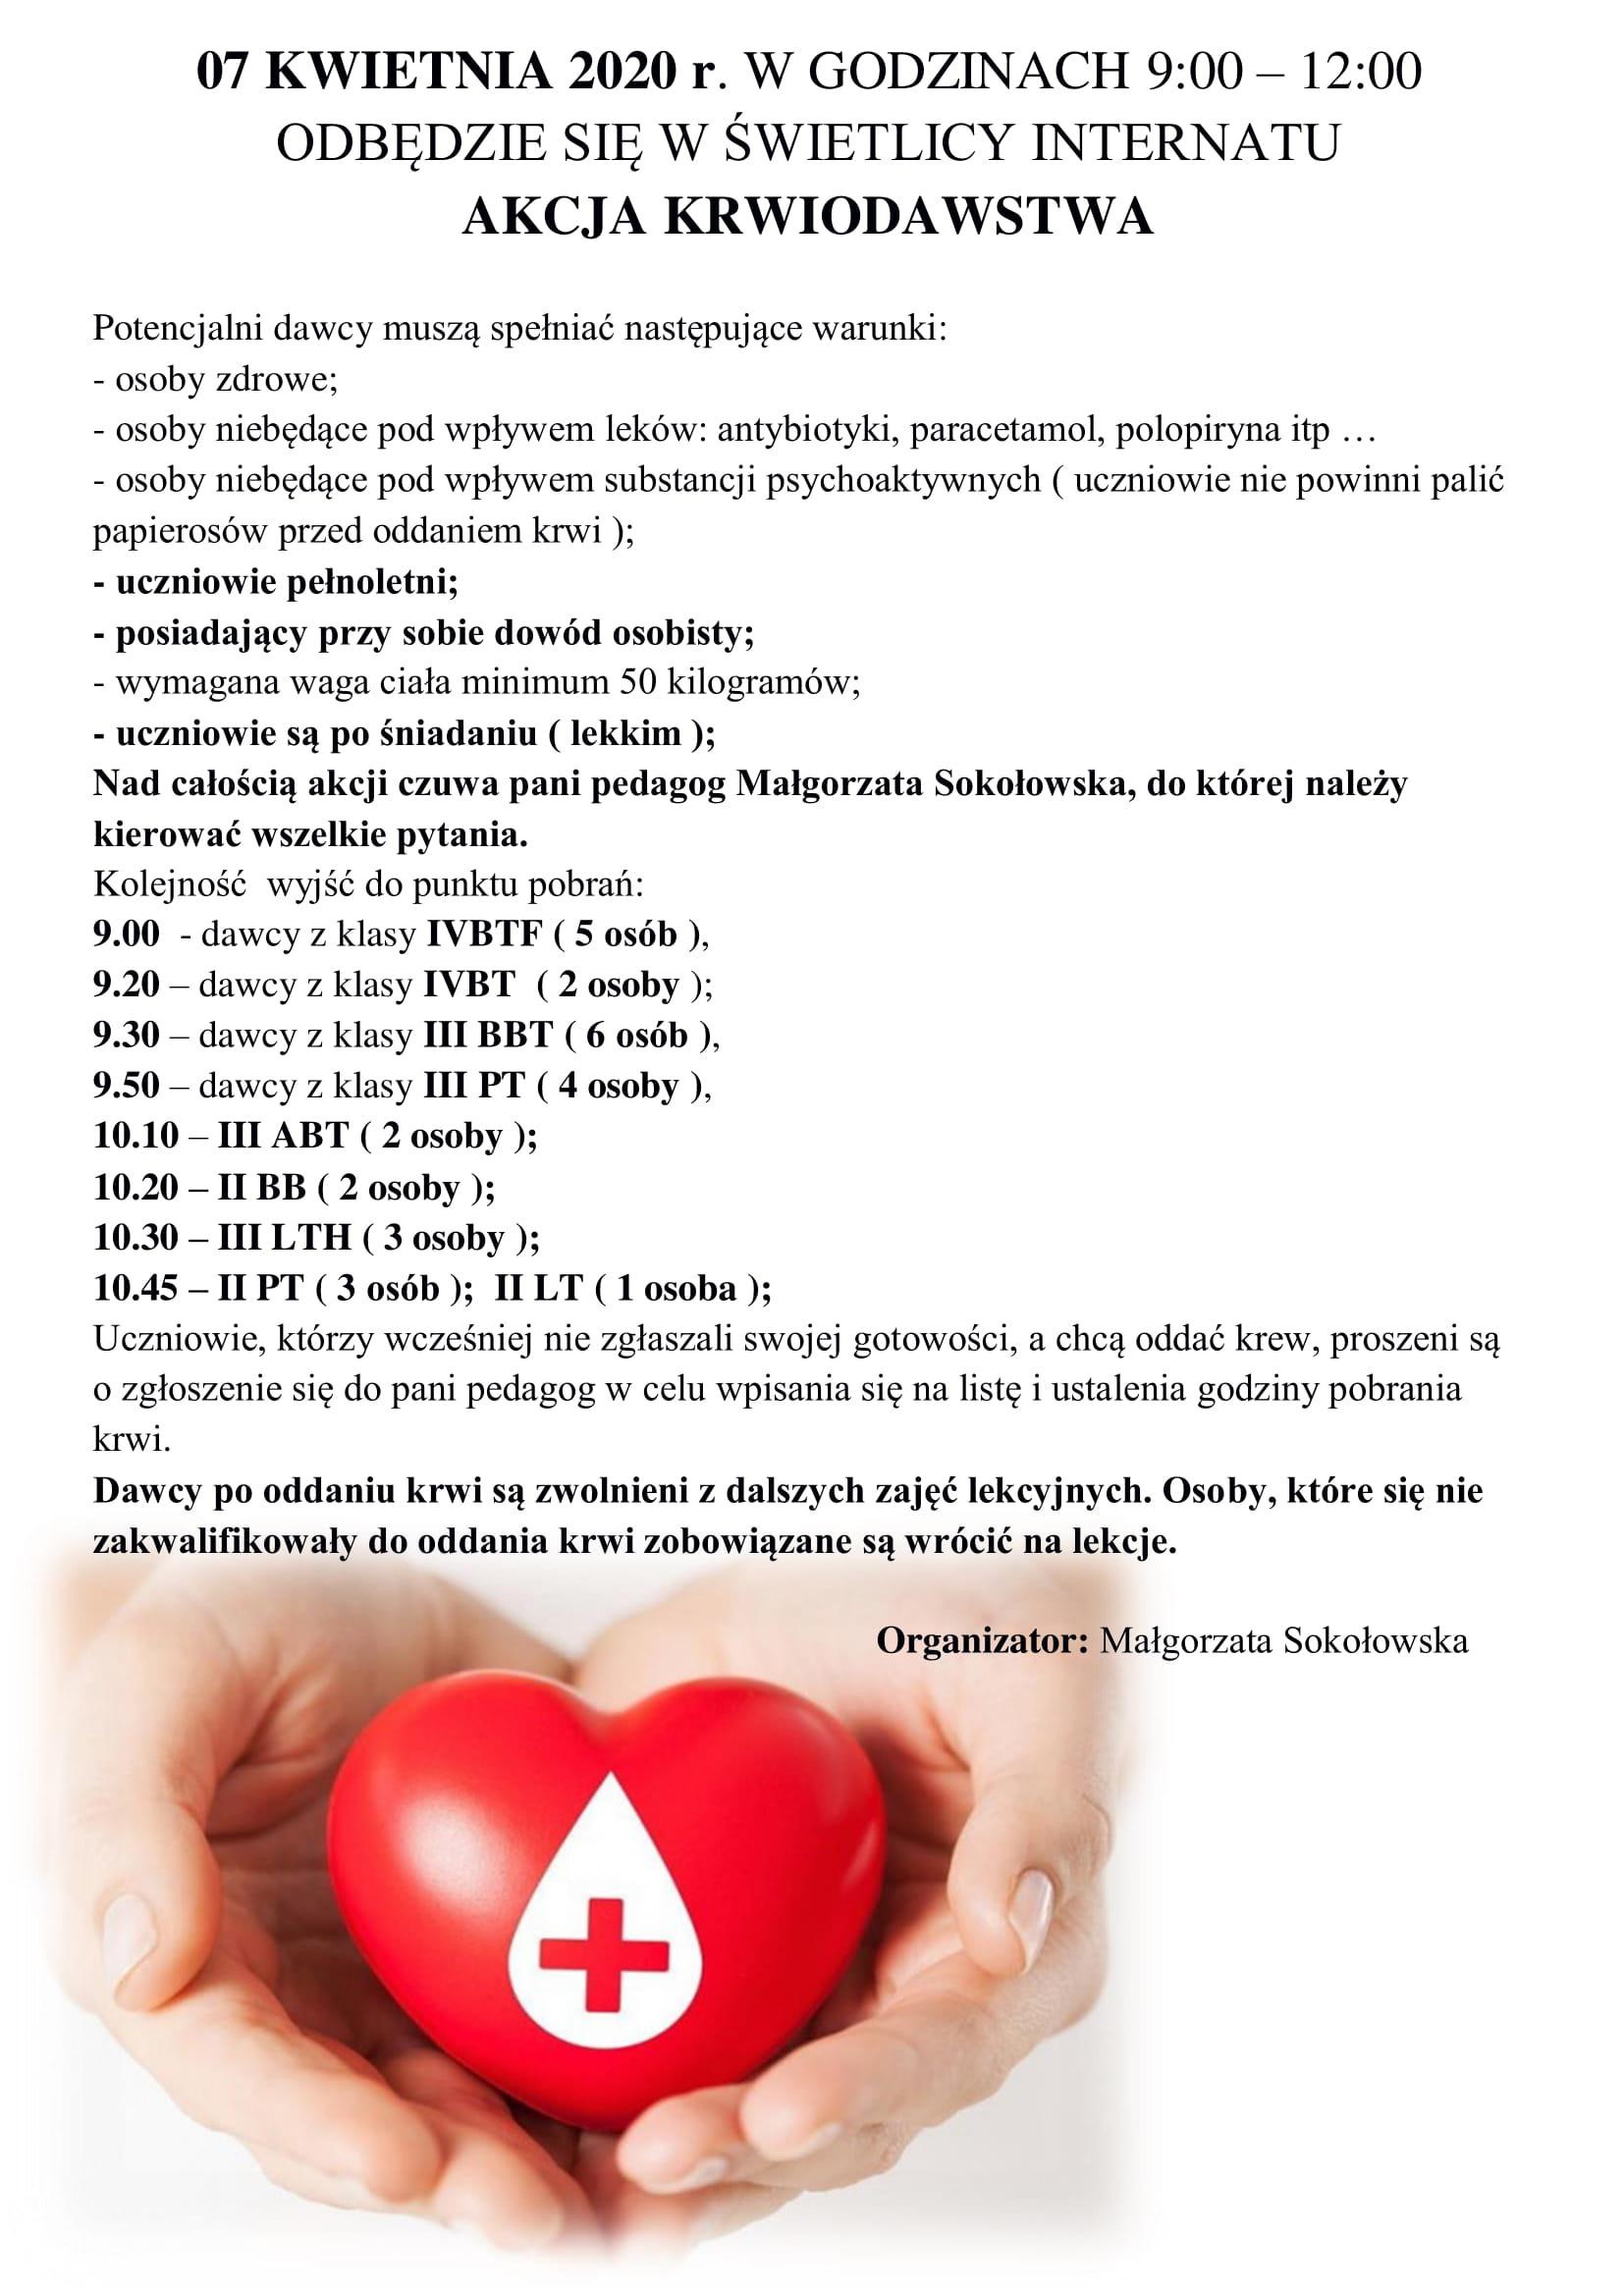 07-kwietnia-2020-r-ogłoszenie-krwiodawstwa-1.jpg